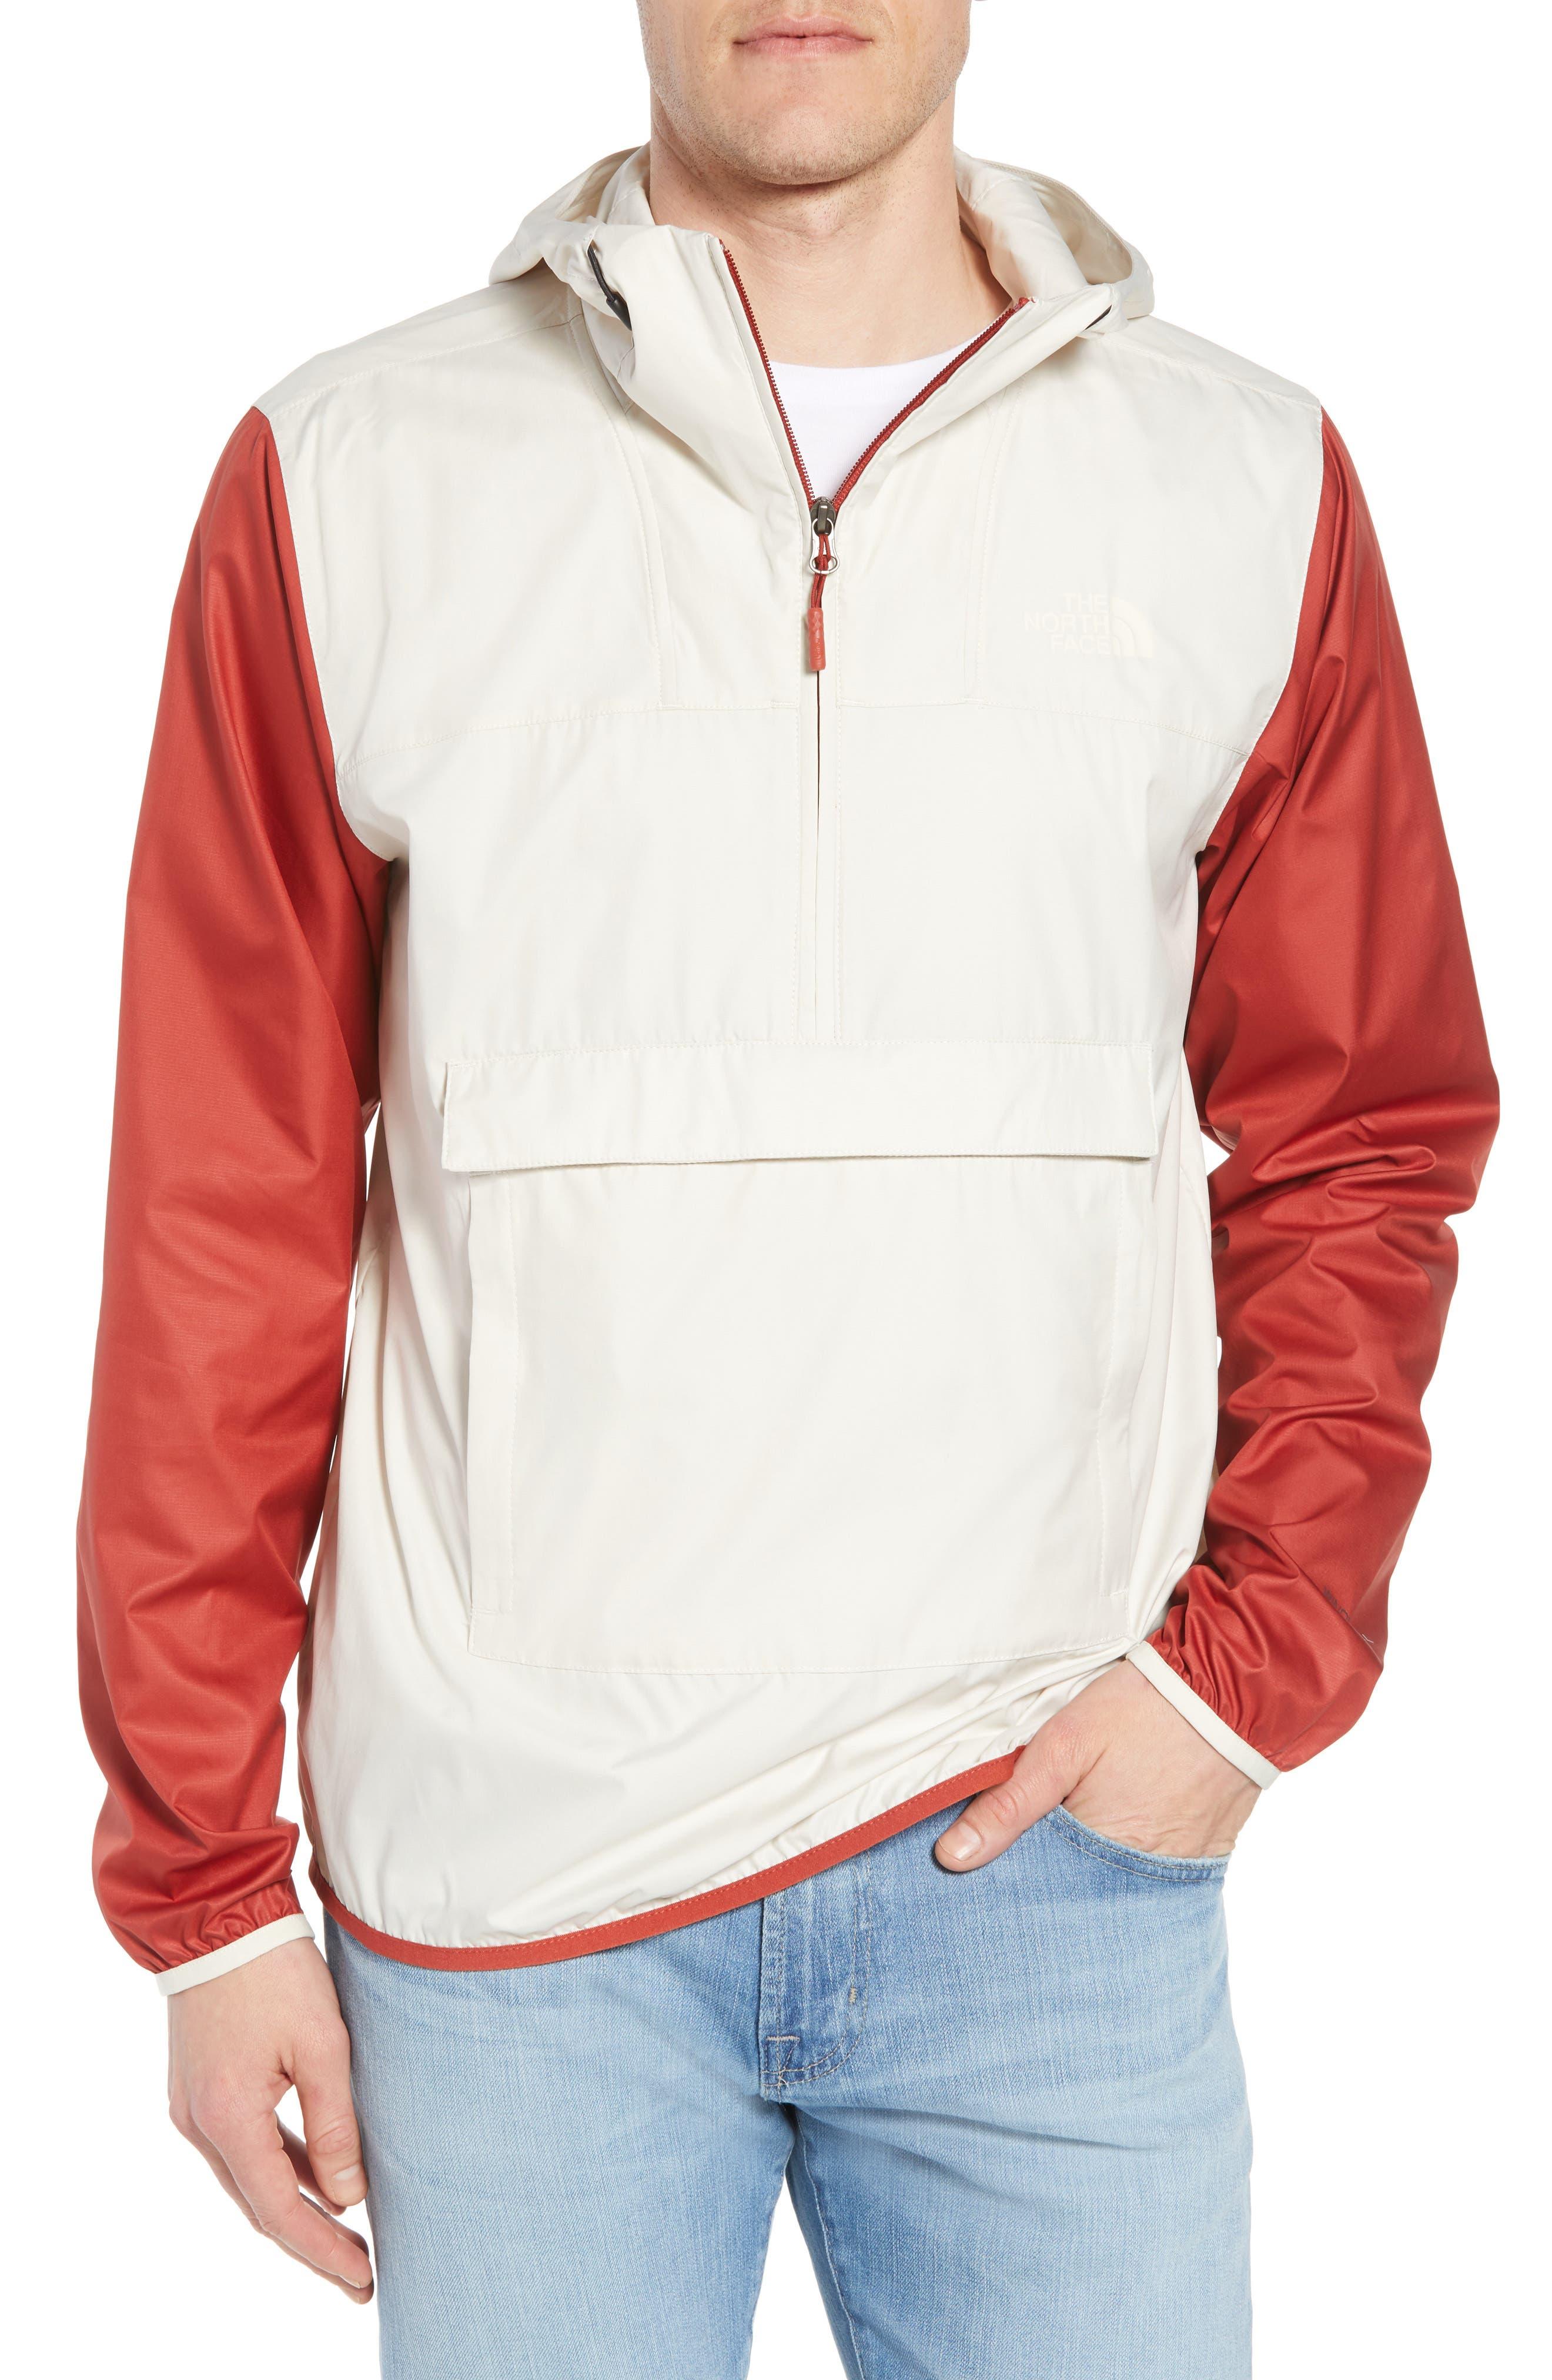 Fanorak Pullover,                         Main,                         color, Vintage White Multi